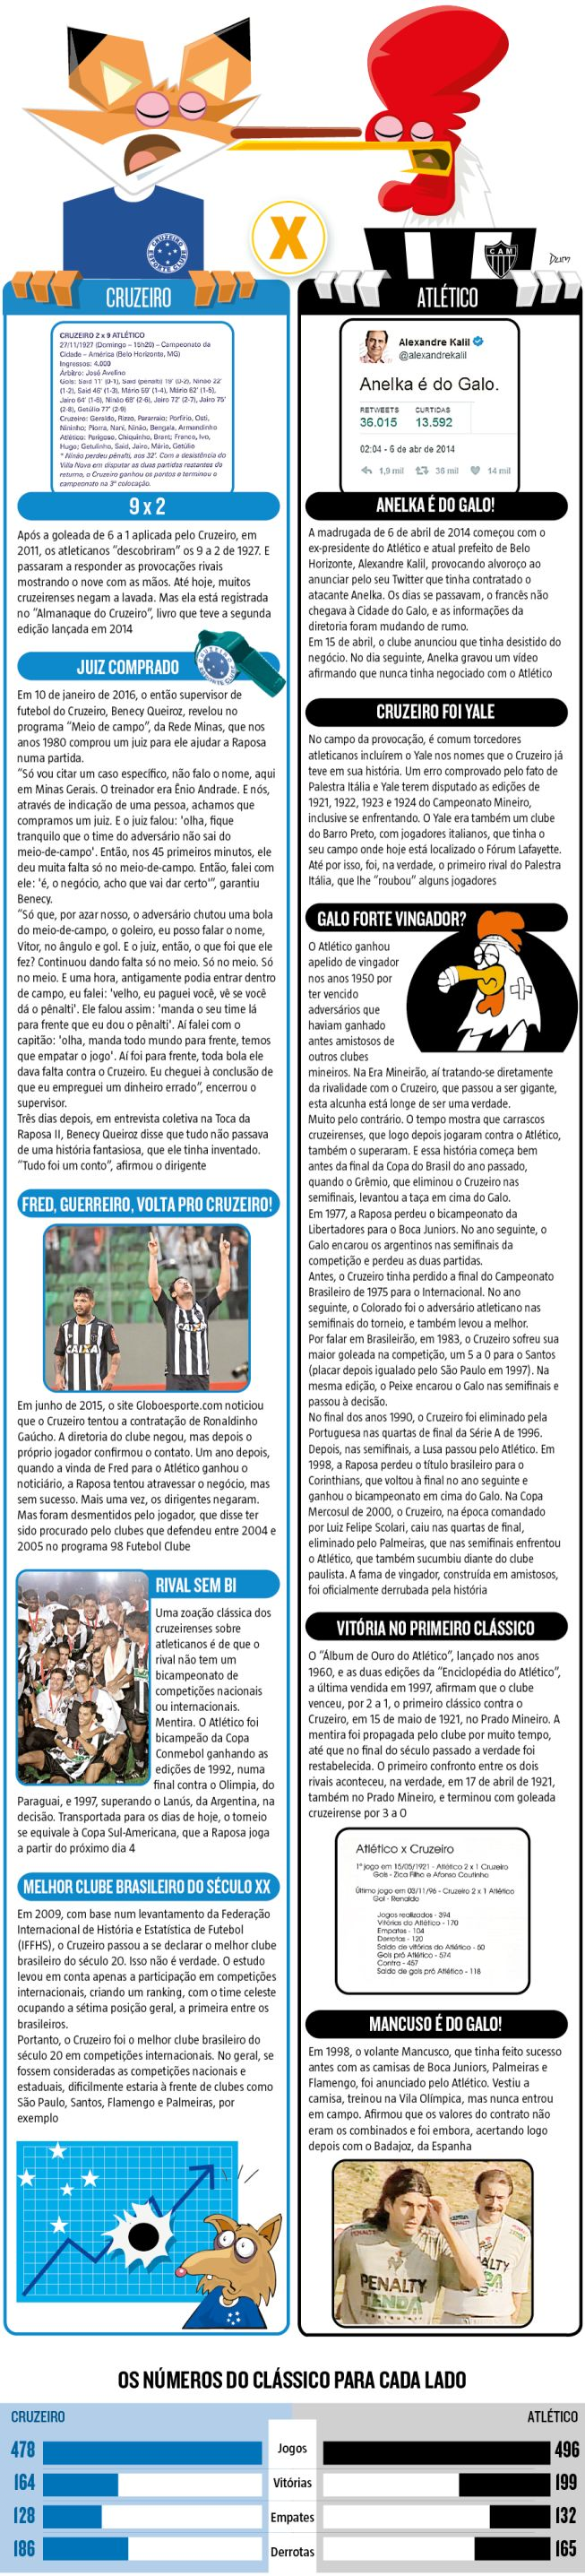 hhttp://hojeemdia.com.br/esportes/dia-da-mentira-hist%C3%B3rias-distorcidas-alimentam-rivalidade-do-cl%C3%A1ssico-entre-cruzeiro-e-atl%C3%A9tico-1.455116  Dia da Mentira: histórias 'distorcidas' alimentam rivalidade do clássico entre Cruzeiro e Atlético